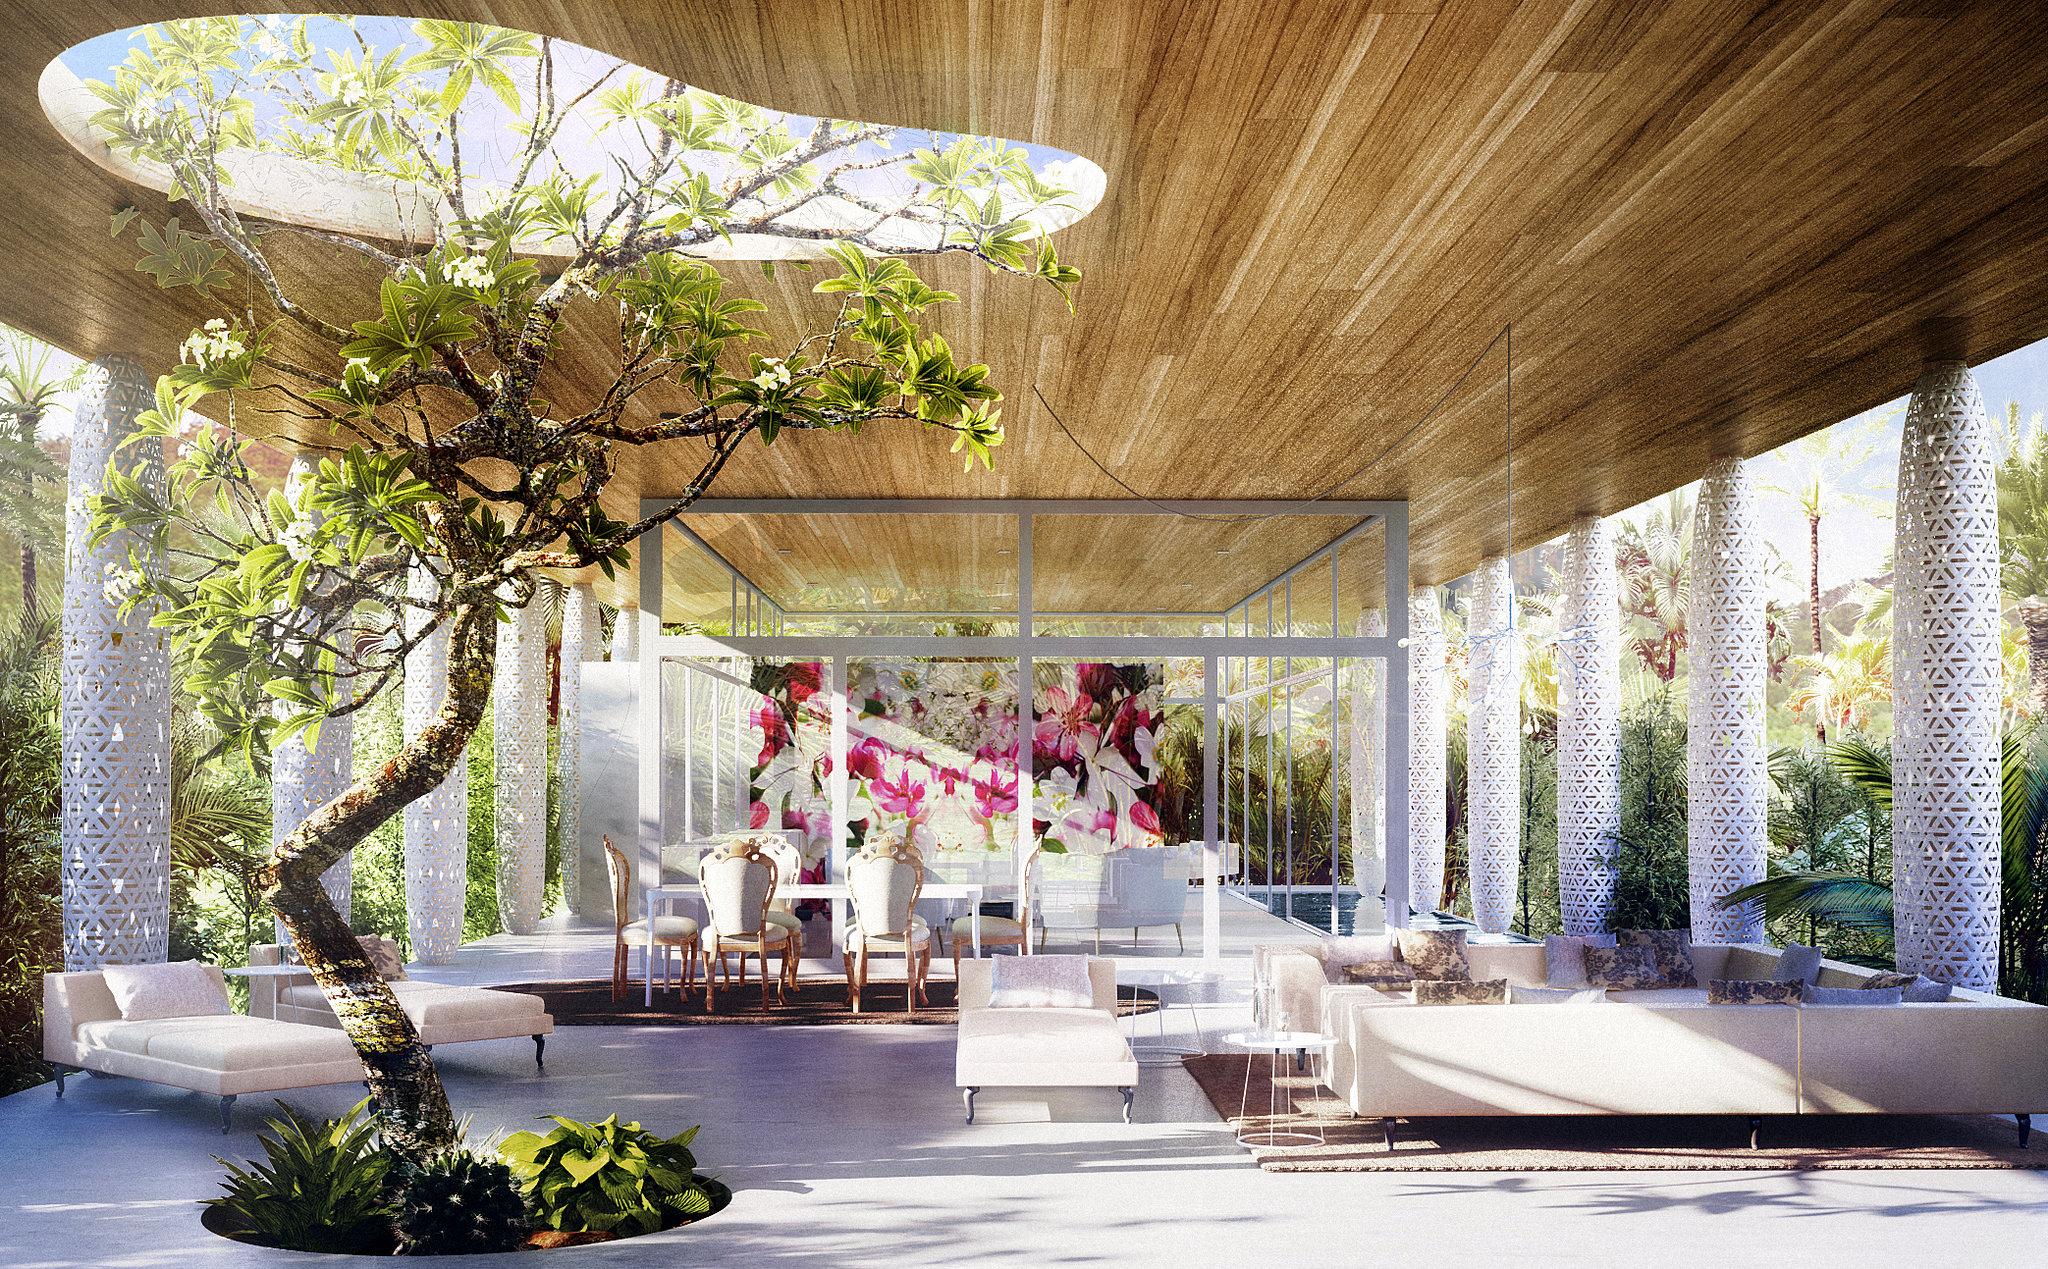 marcel wanders Best Interior Design Projects by Marcel Wanders Best Interior Design Projects by Marcel Wanders Eden 2